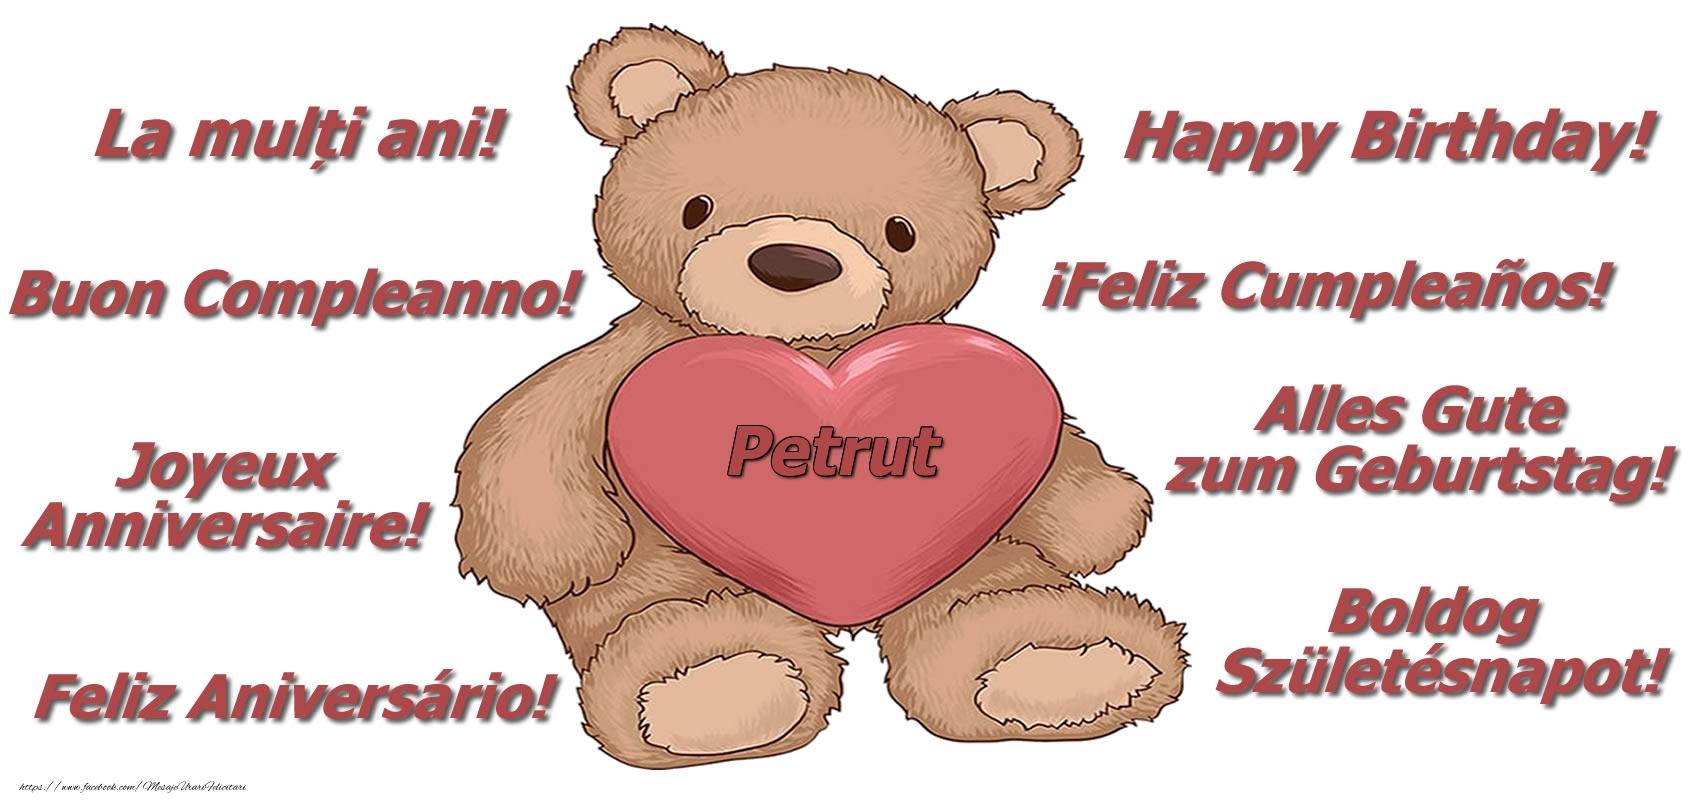 Felicitari de zi de nastere - La multi ani Petrut! - Ursulet